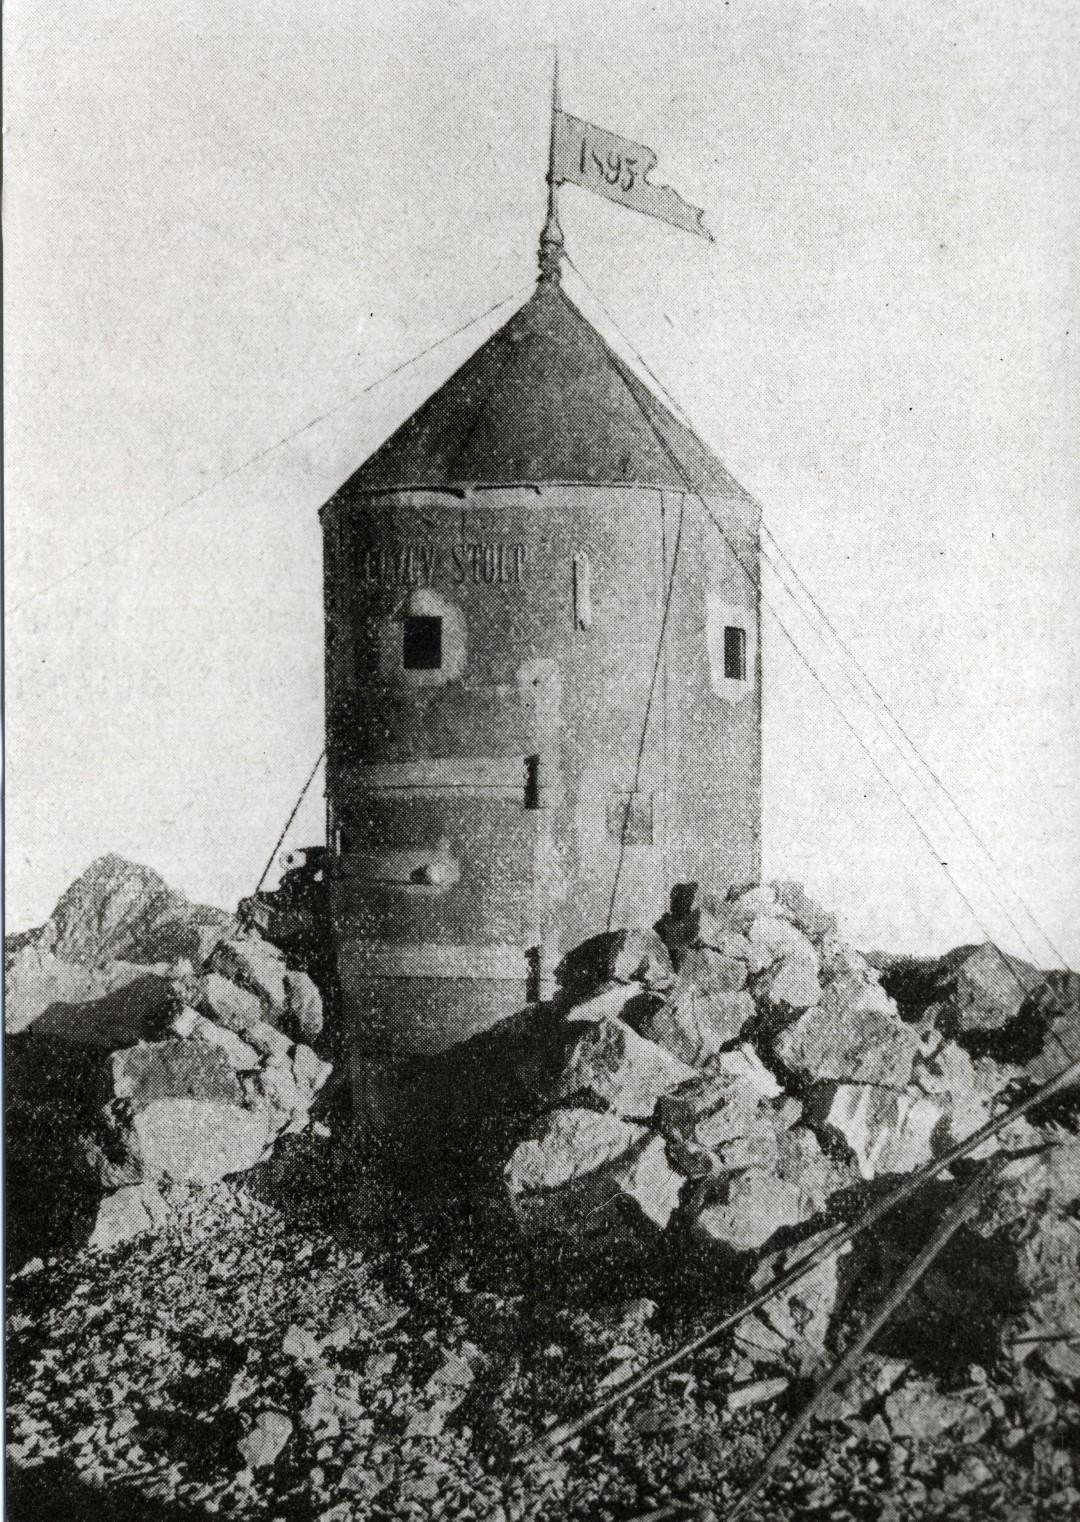 Leta 1895 je dal na vrhu Triglava Jakob Aljaž postaviti stolp, ki se danes po njem imenuje Aljažev stolp.